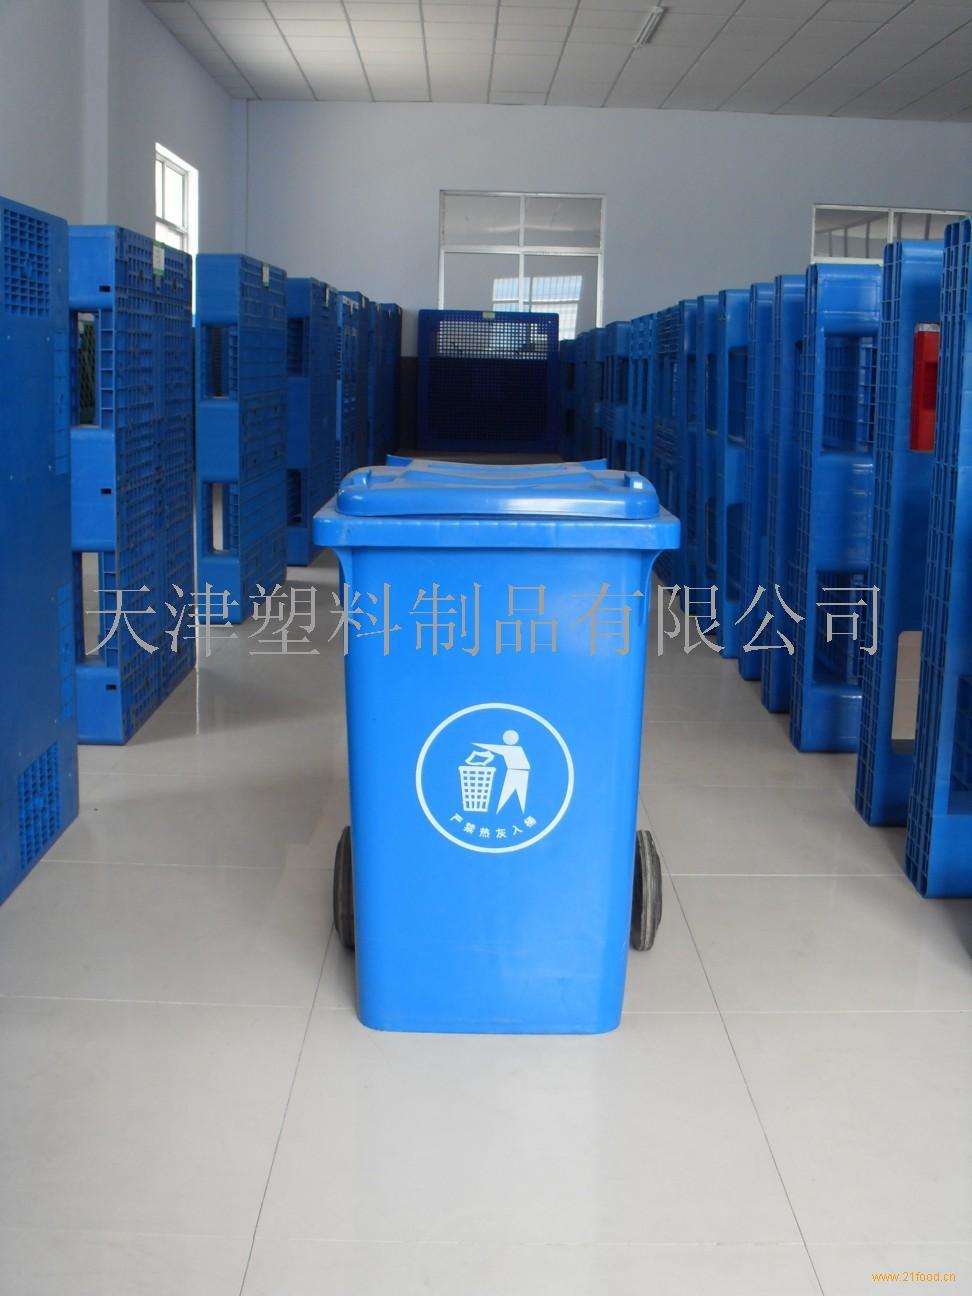 垃圾桶,垃圾桶,塑料托盘